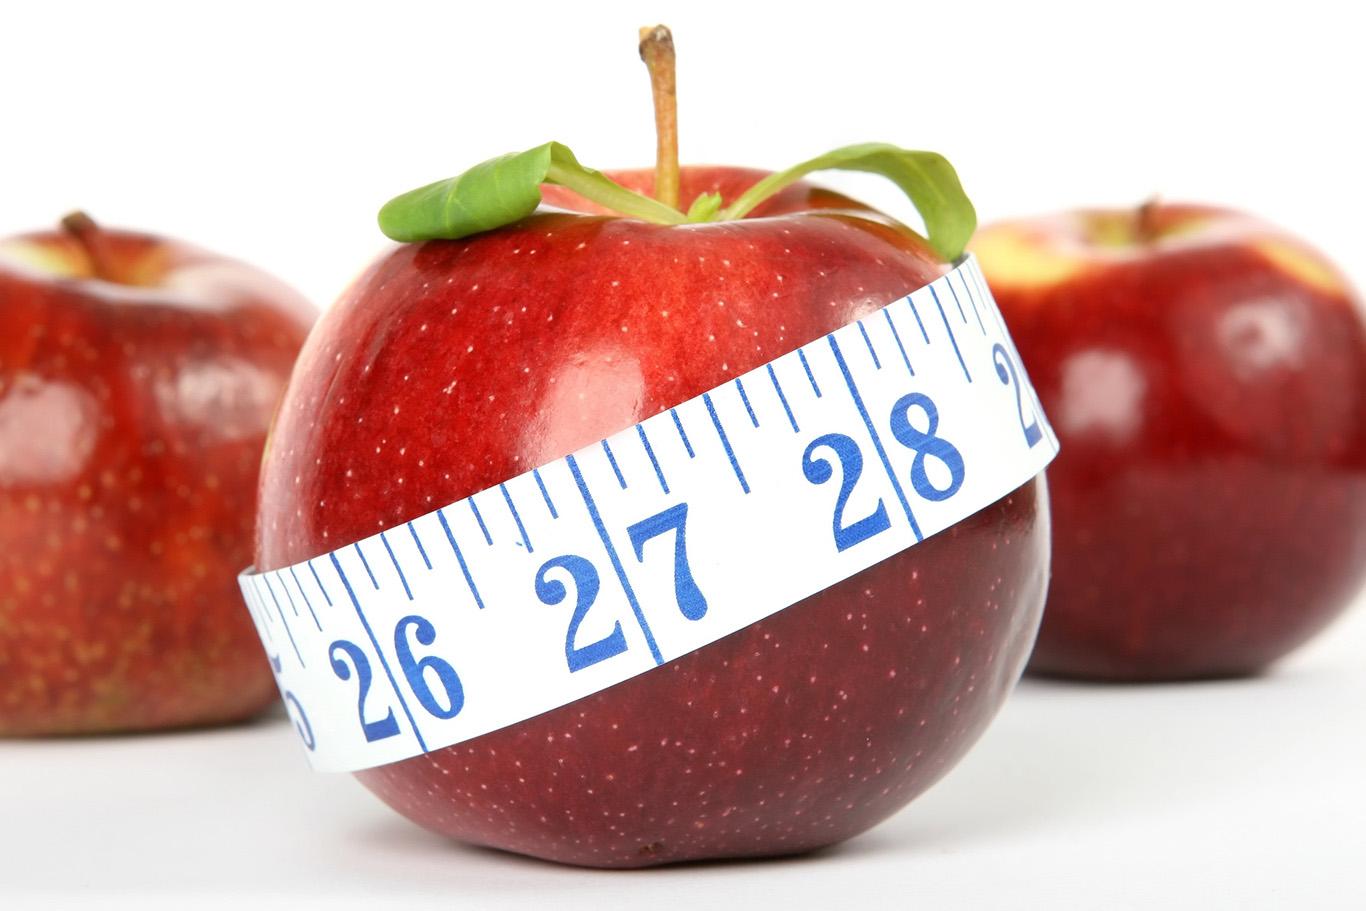 Dietistpodden: Det absolut bästa sättet att gå ner i vikt